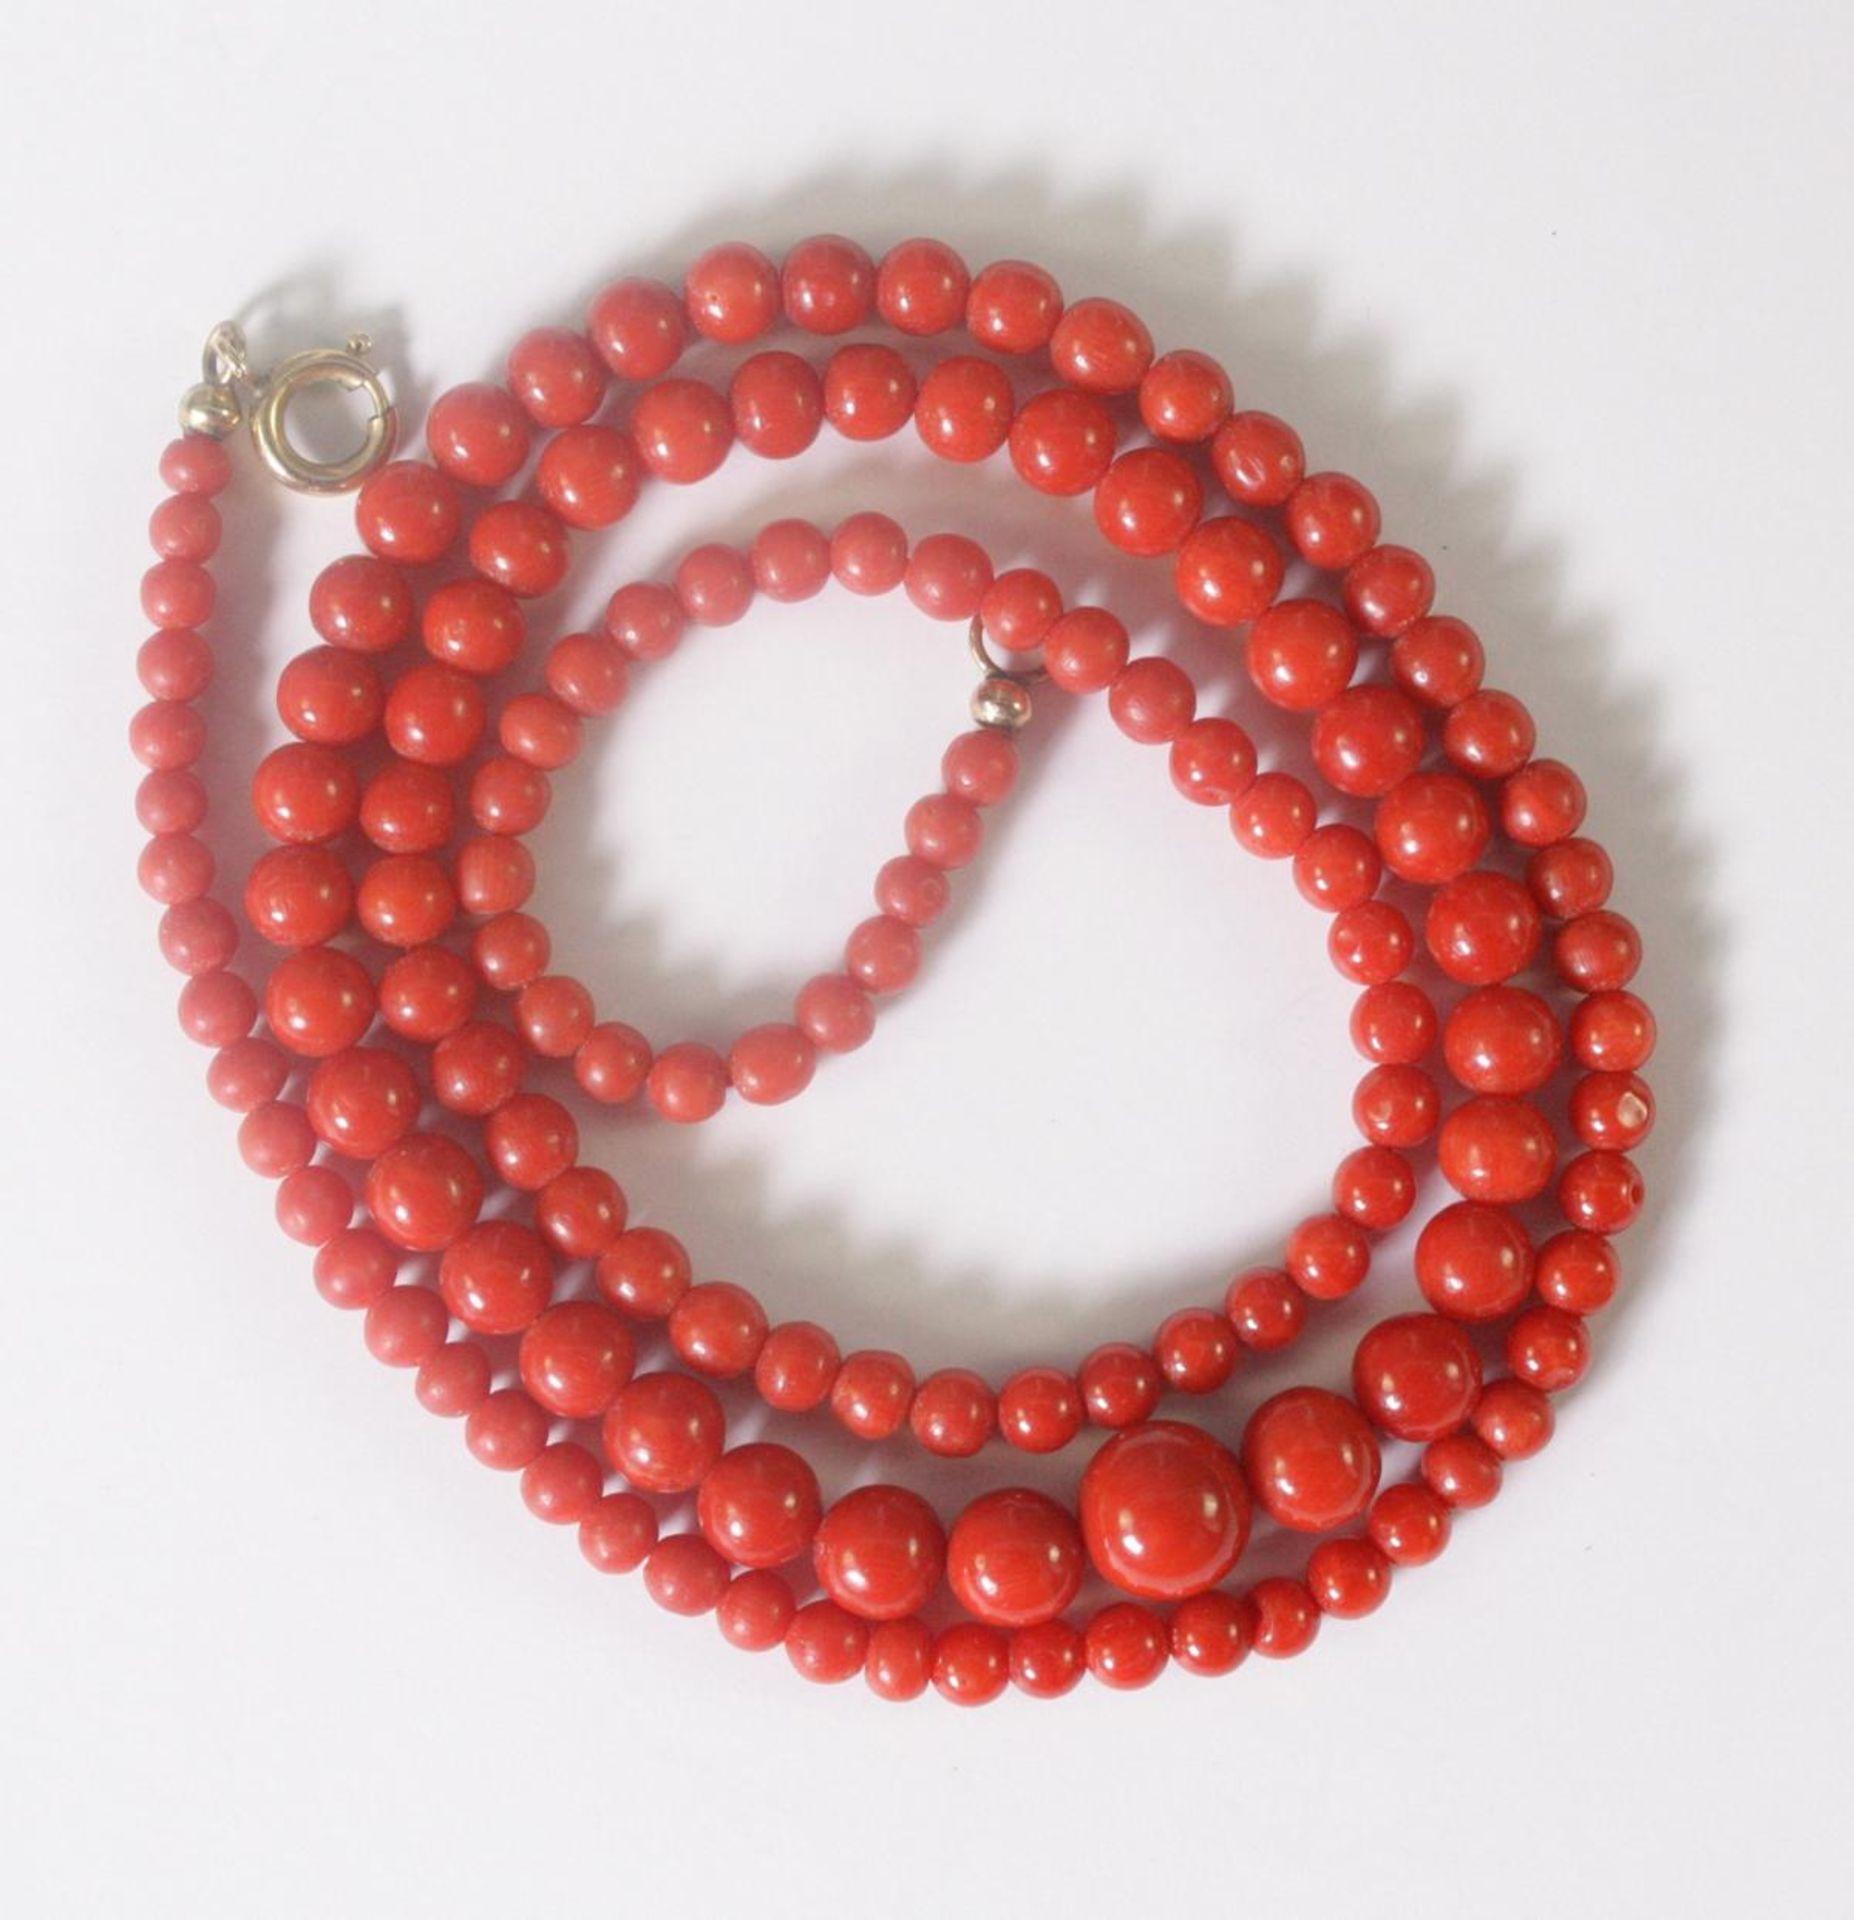 Halskette mit roten Korallenkugeln - Bild 2 aus 2